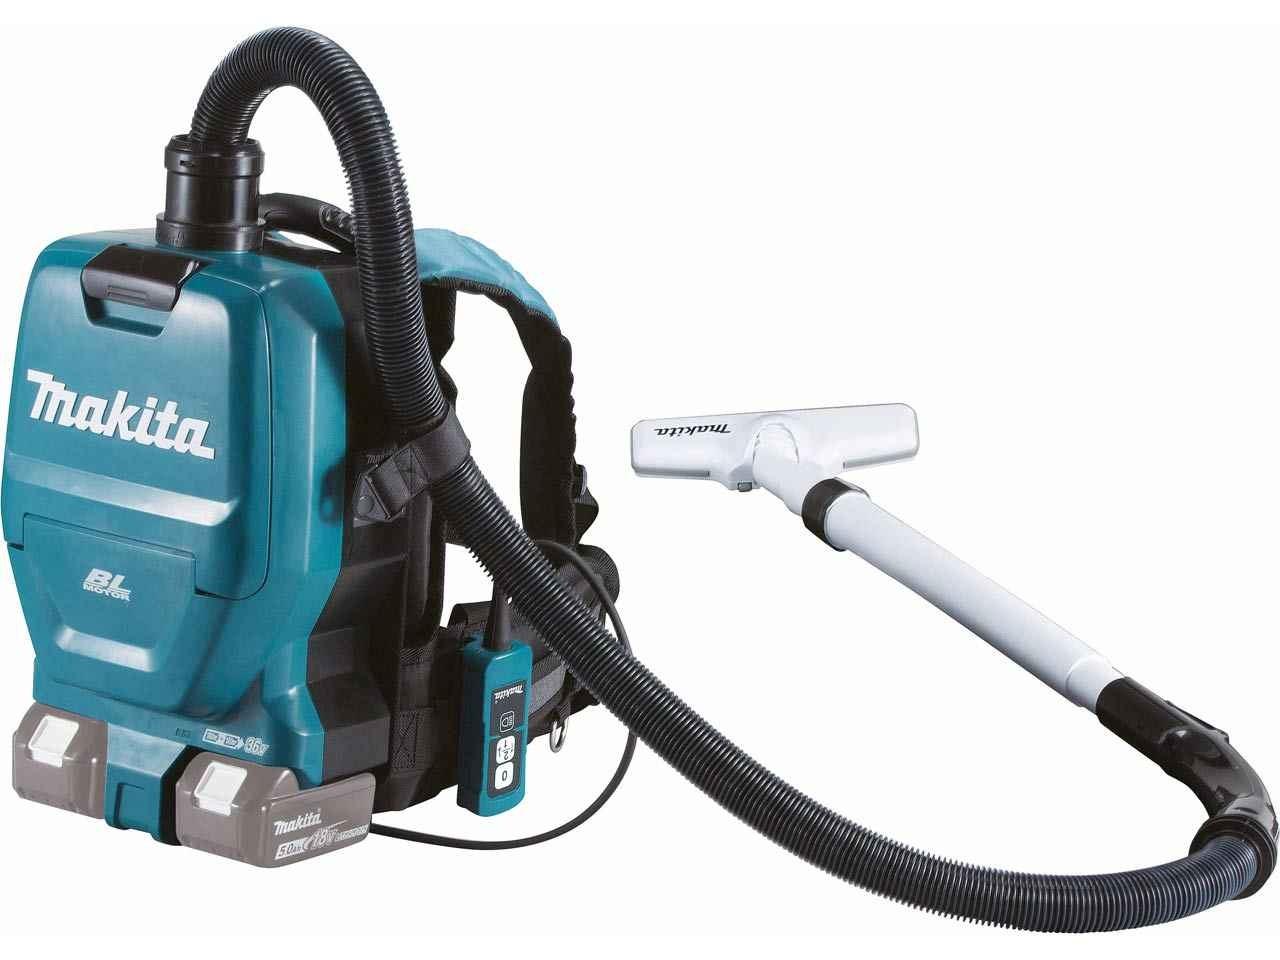 Makita DVC260Z Twin 18v/36v Backpack Vacuum Cleaner Bare Unit